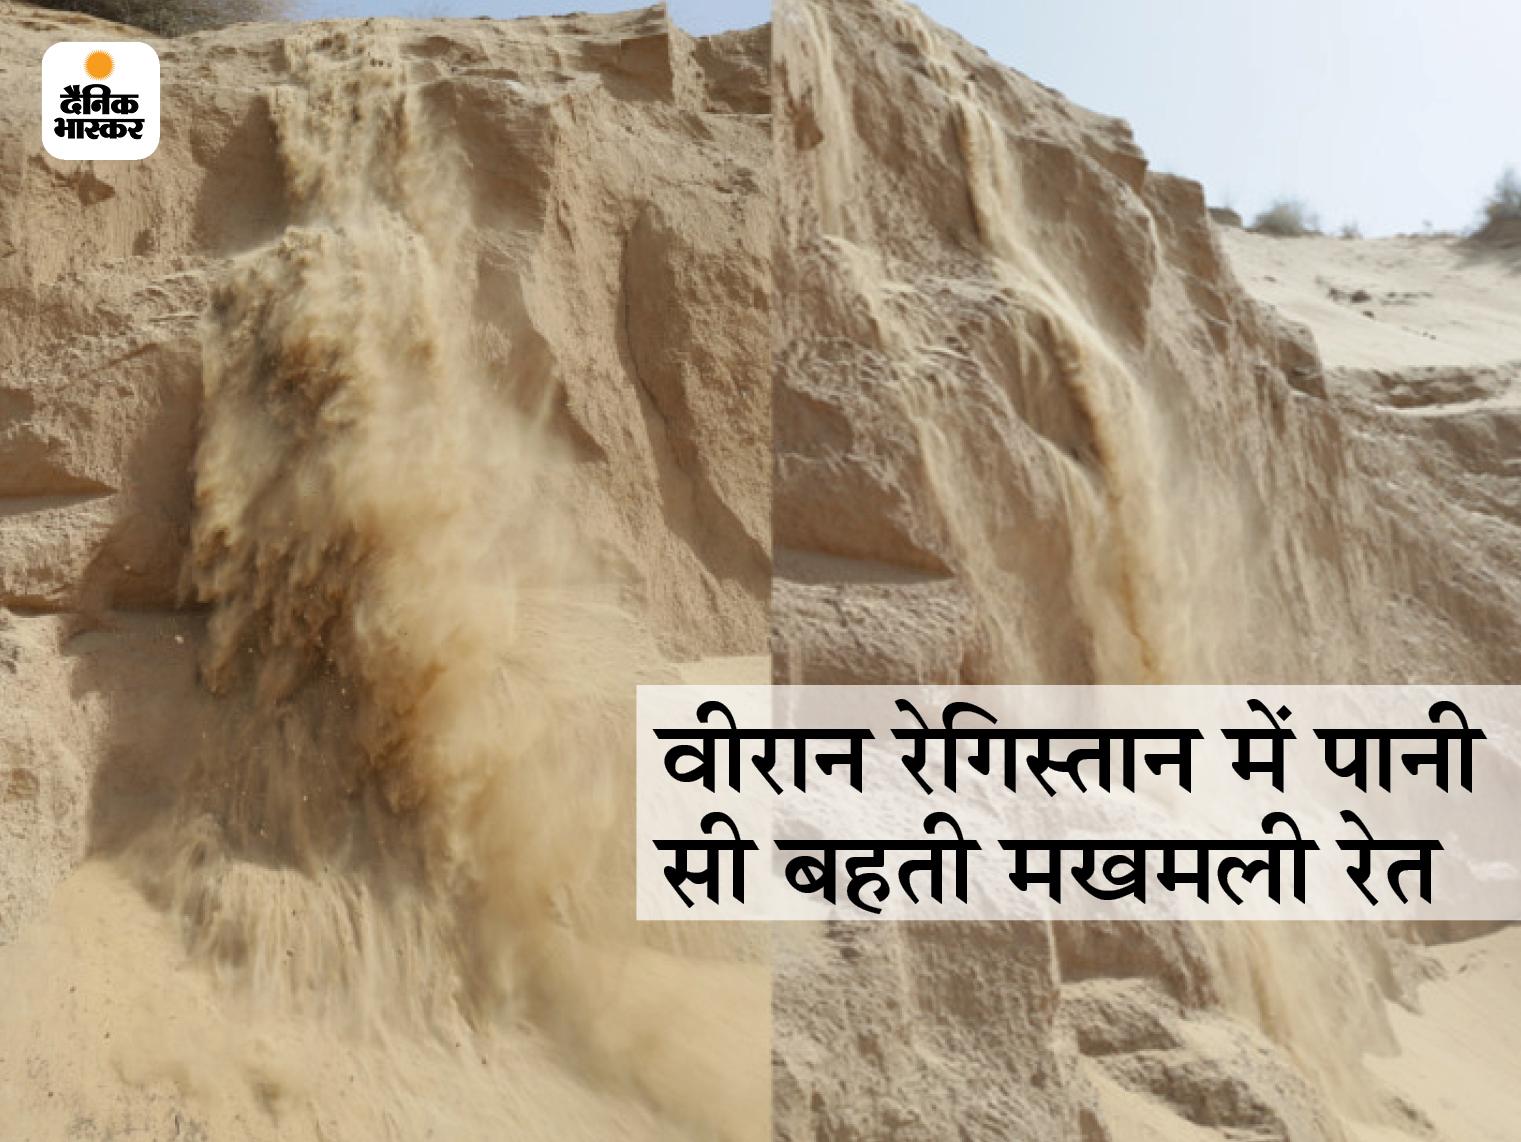 रेगिस्तान में महाबार के धोरे मुस्कराए, हवा की स्पीड 30 से 40 किमी होने पर बहते हैं रेत के झरने|बाड़मेर,Barmer - Dainik Bhaskar